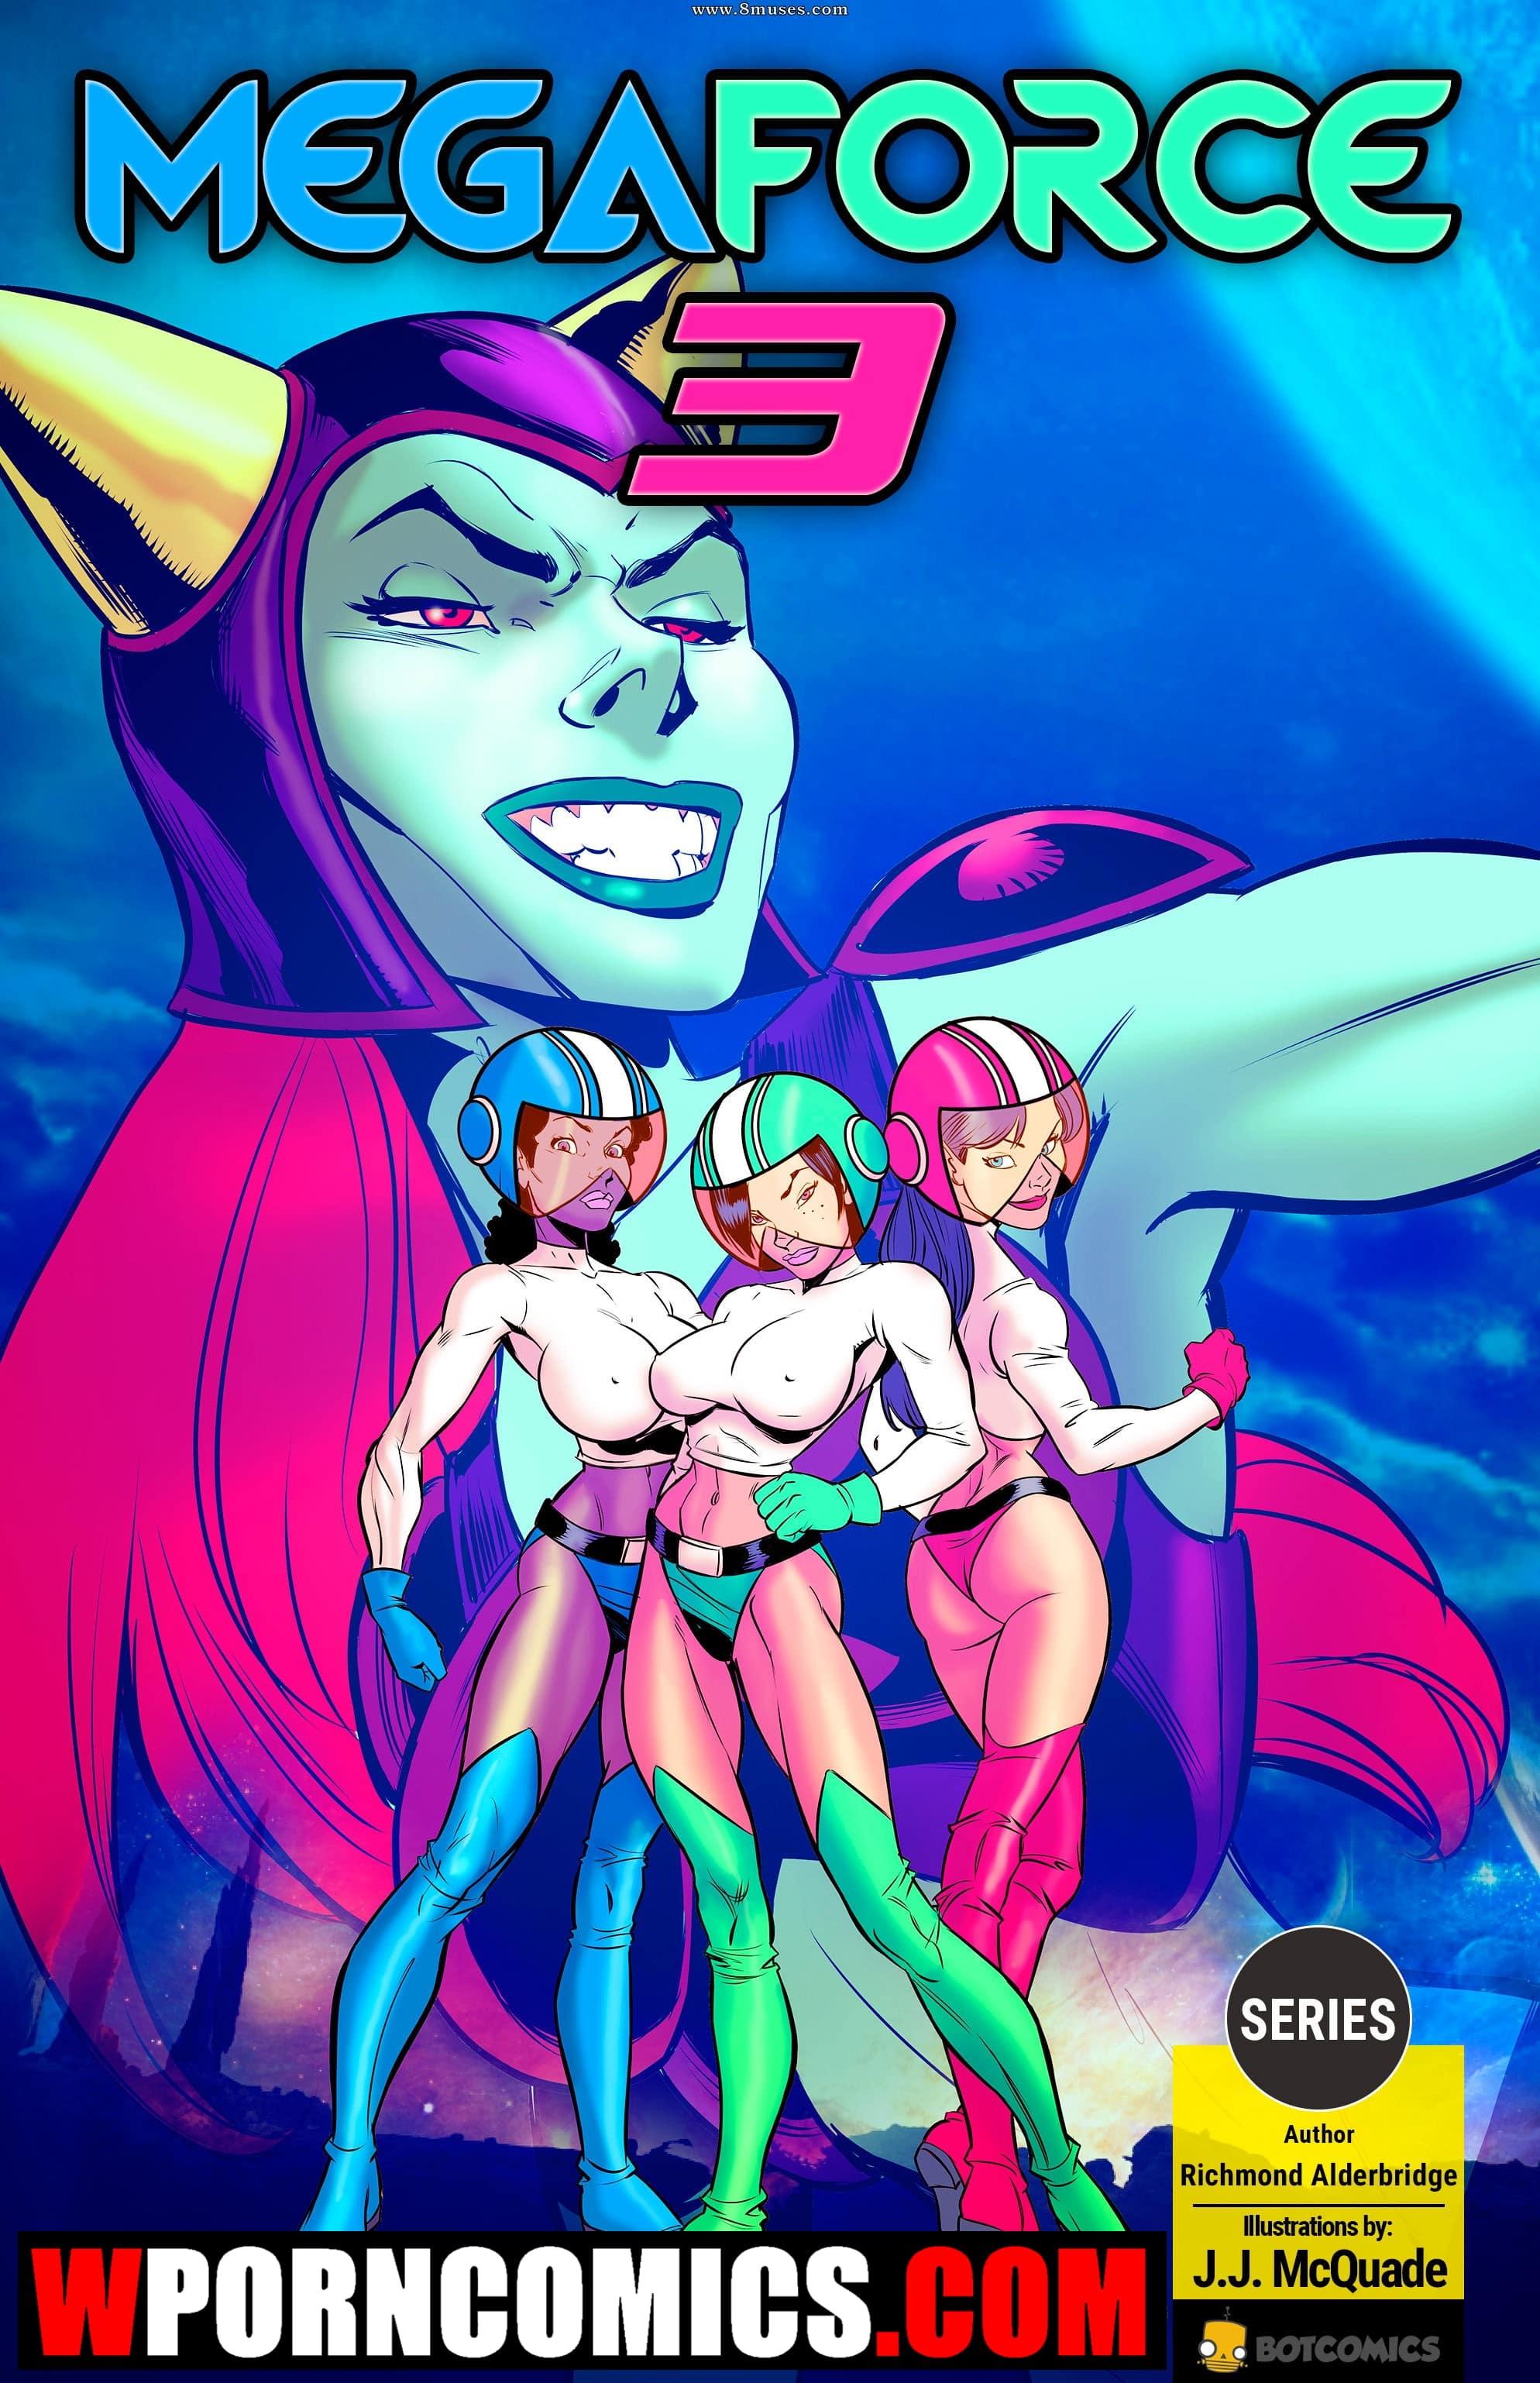 Porn comic Megaforce.